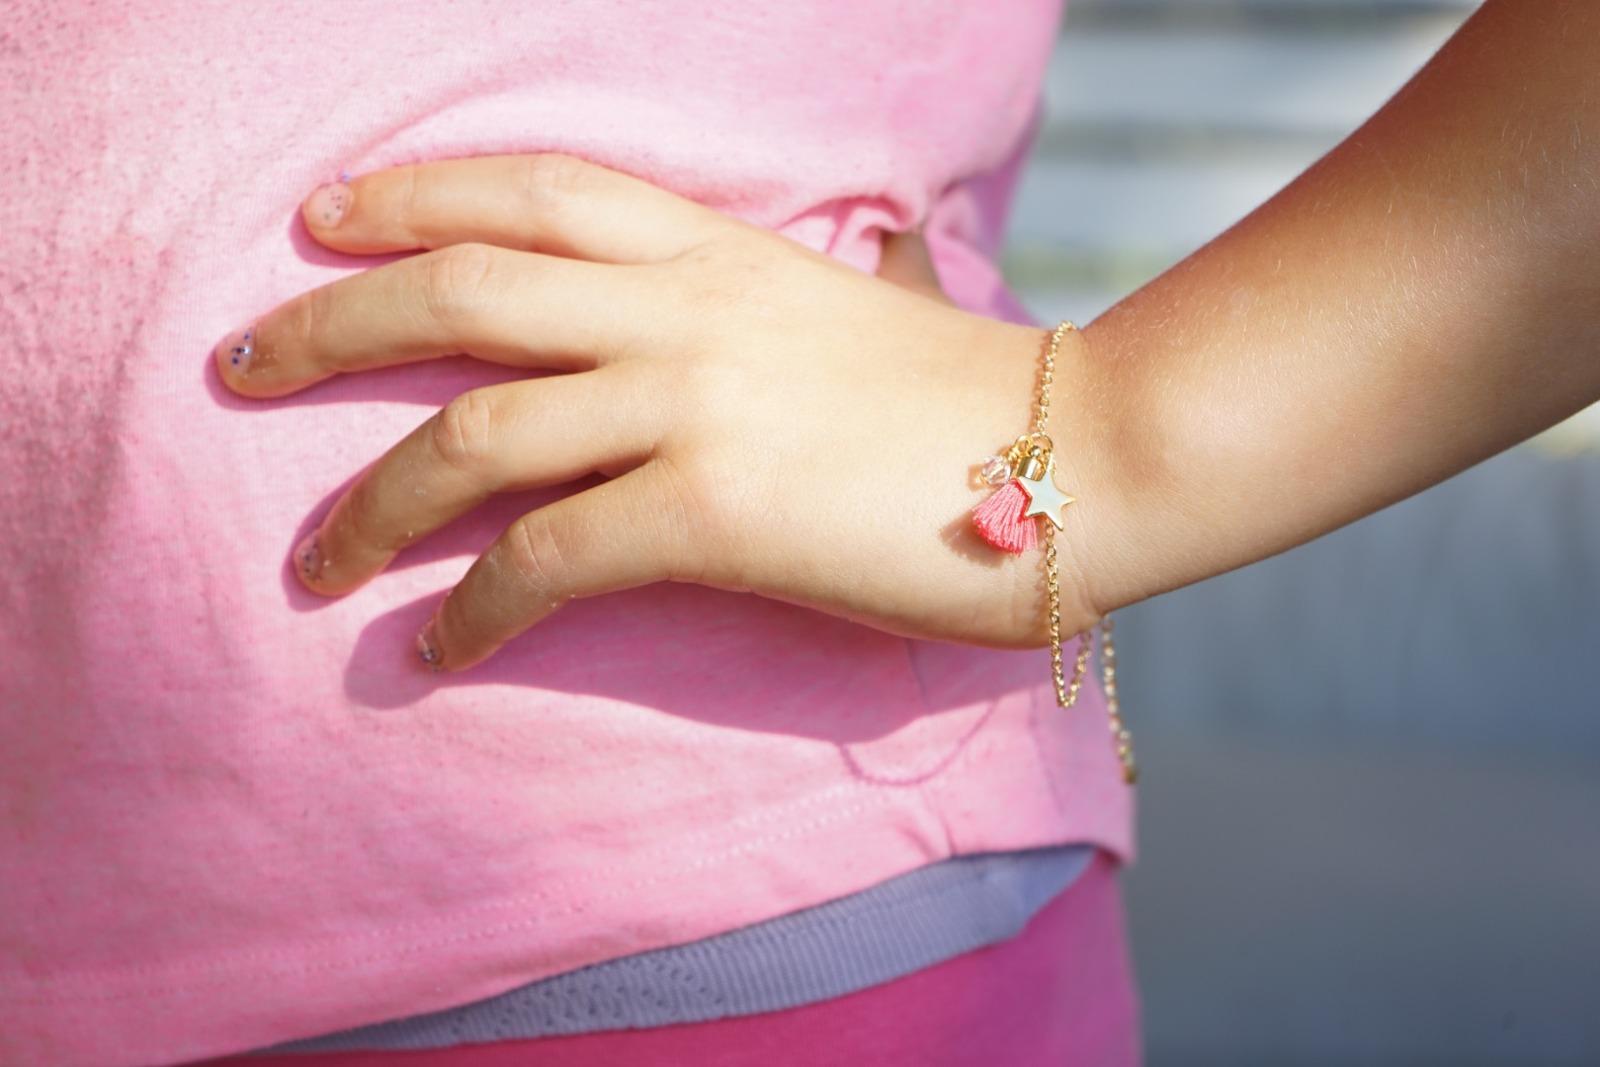 Armband vergoldet mit Glitzeranhänger und Quaste - 2